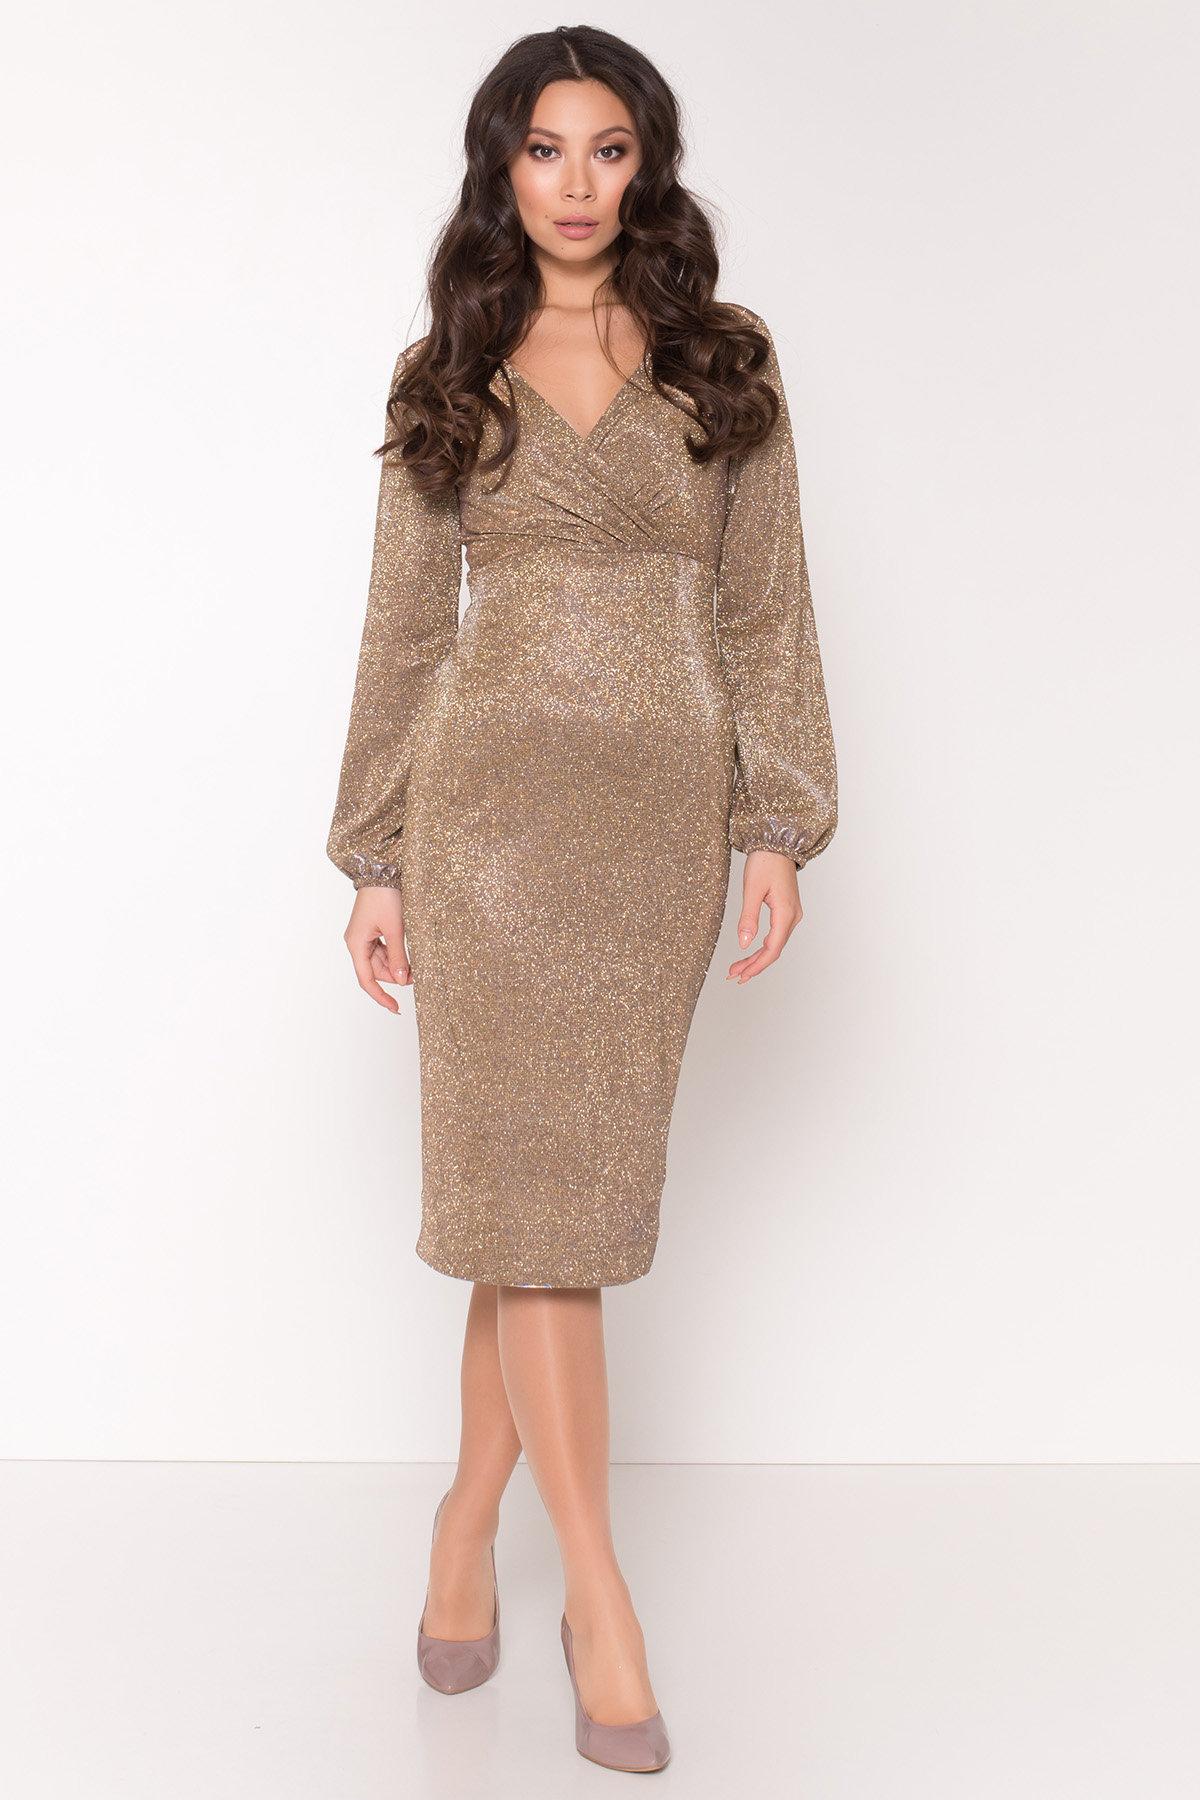 Нарядное платье с люрексом Фаселис 8527 АРТ. 44894 Цвет: Золото/серебро - фото 2, интернет магазин tm-modus.ru